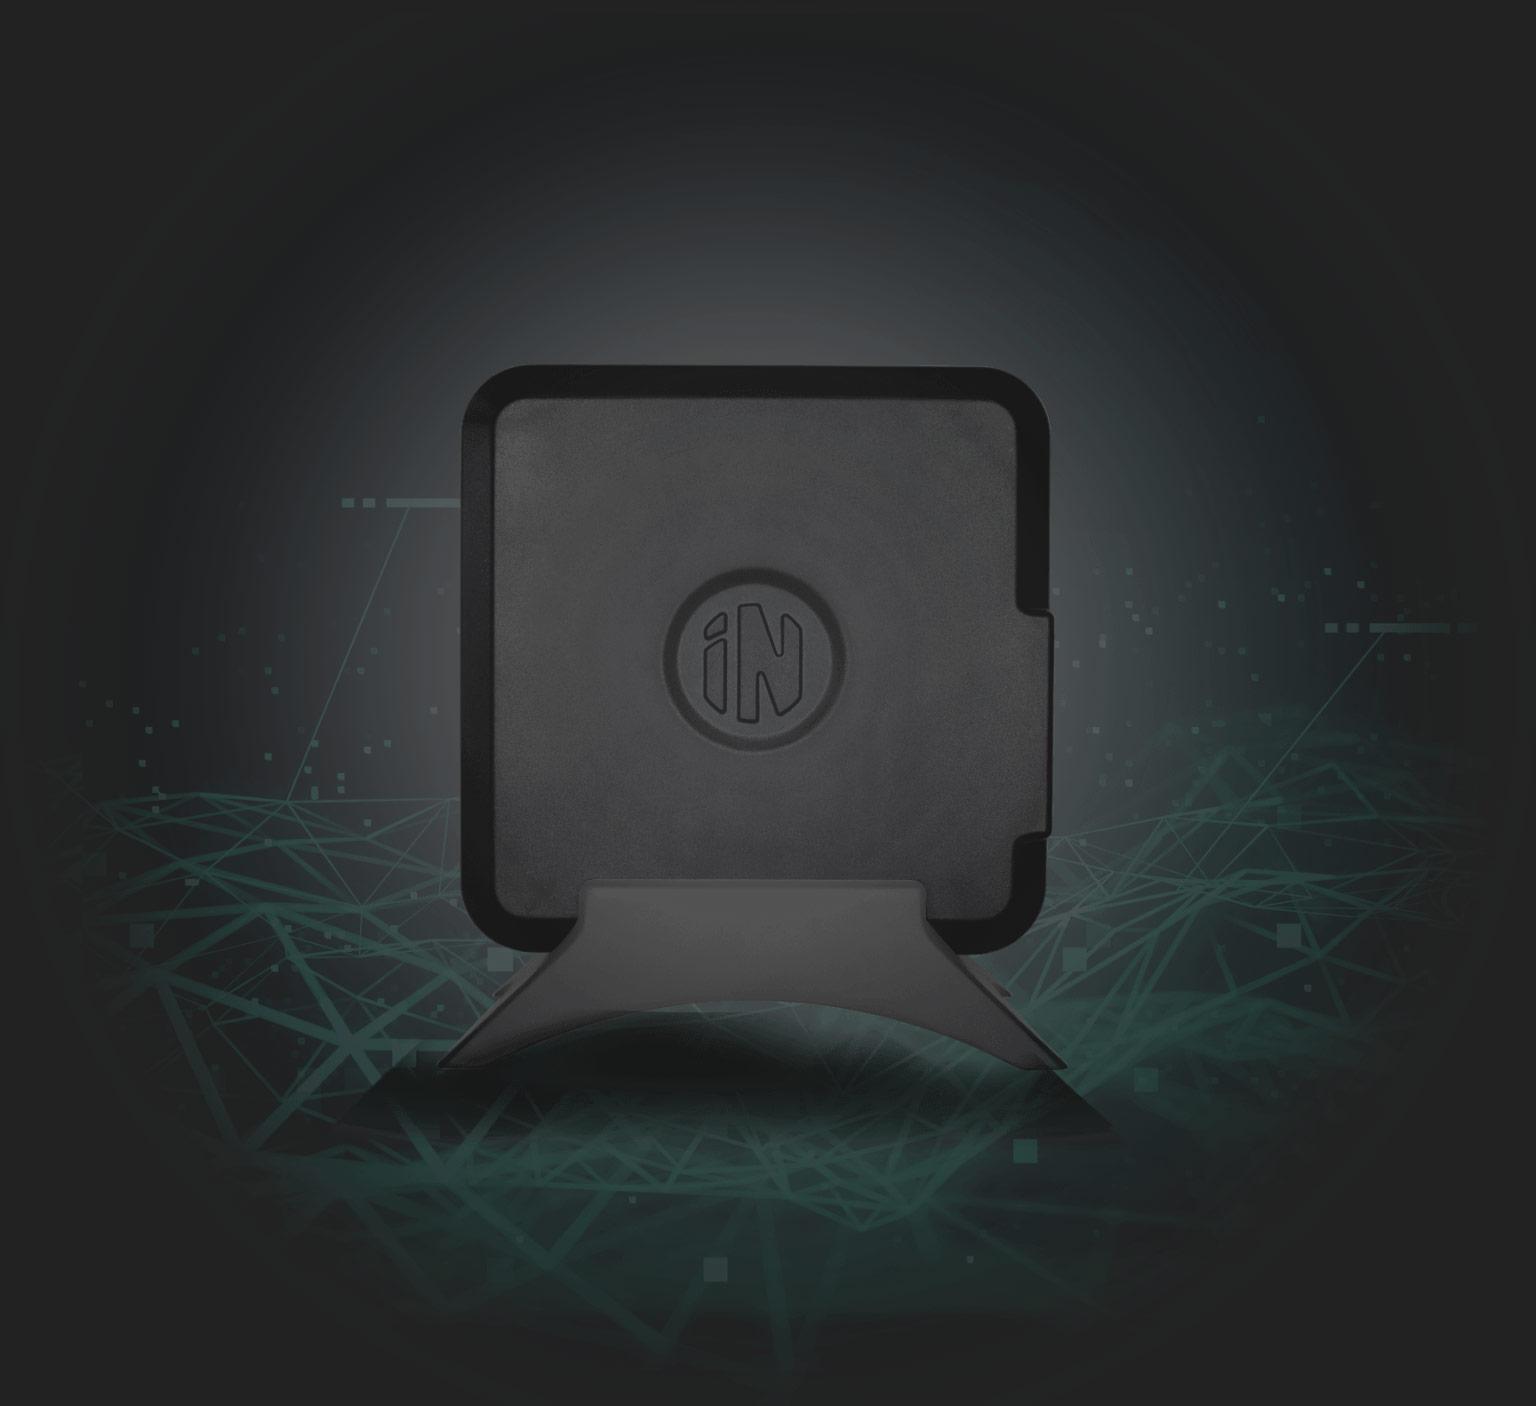 Intager Smartbox3 Laser Tag Management System